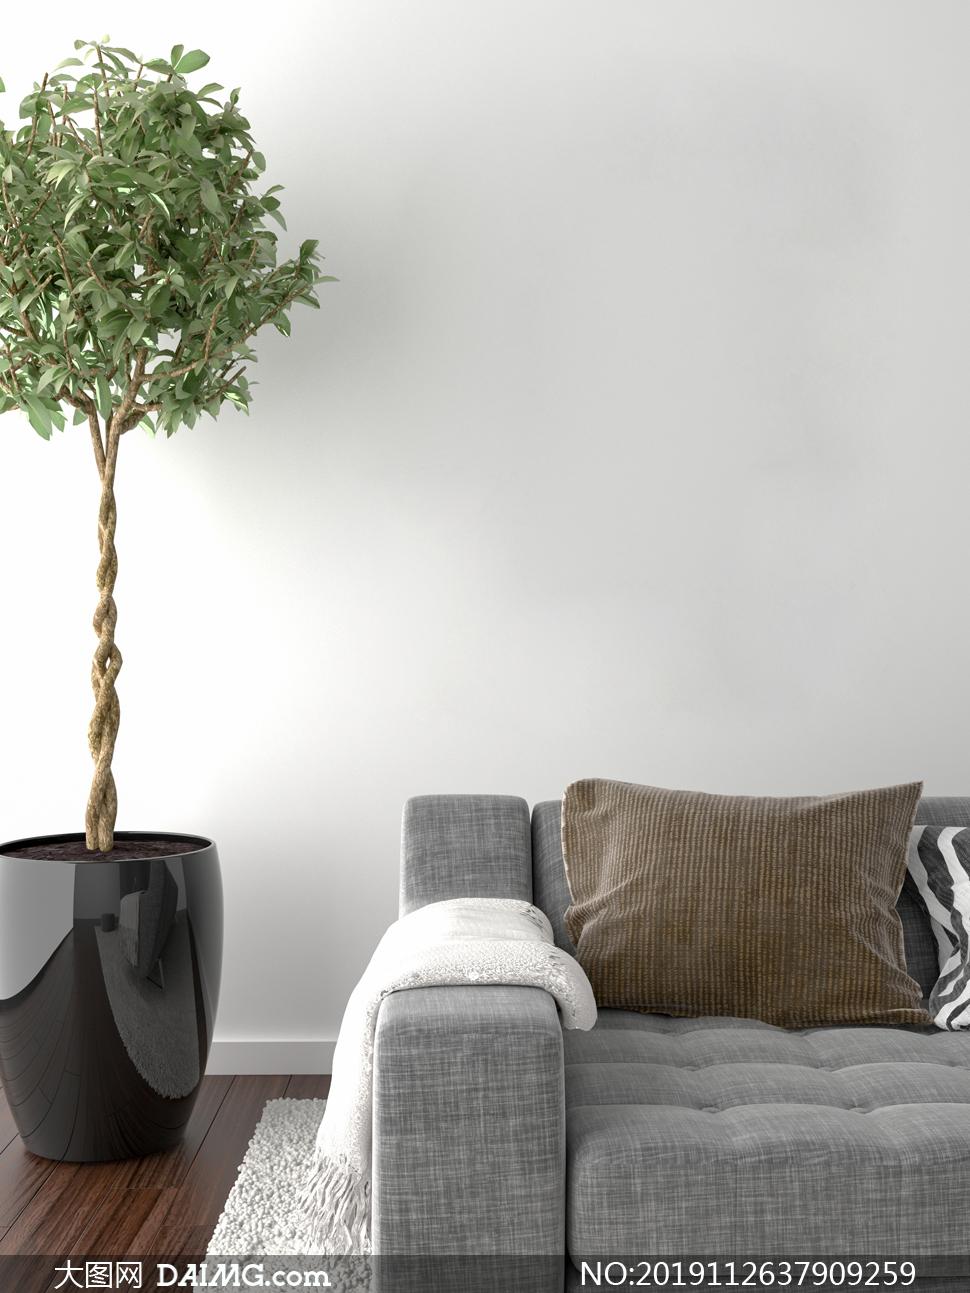 绿植与客厅沙发的一角特写摄影图片